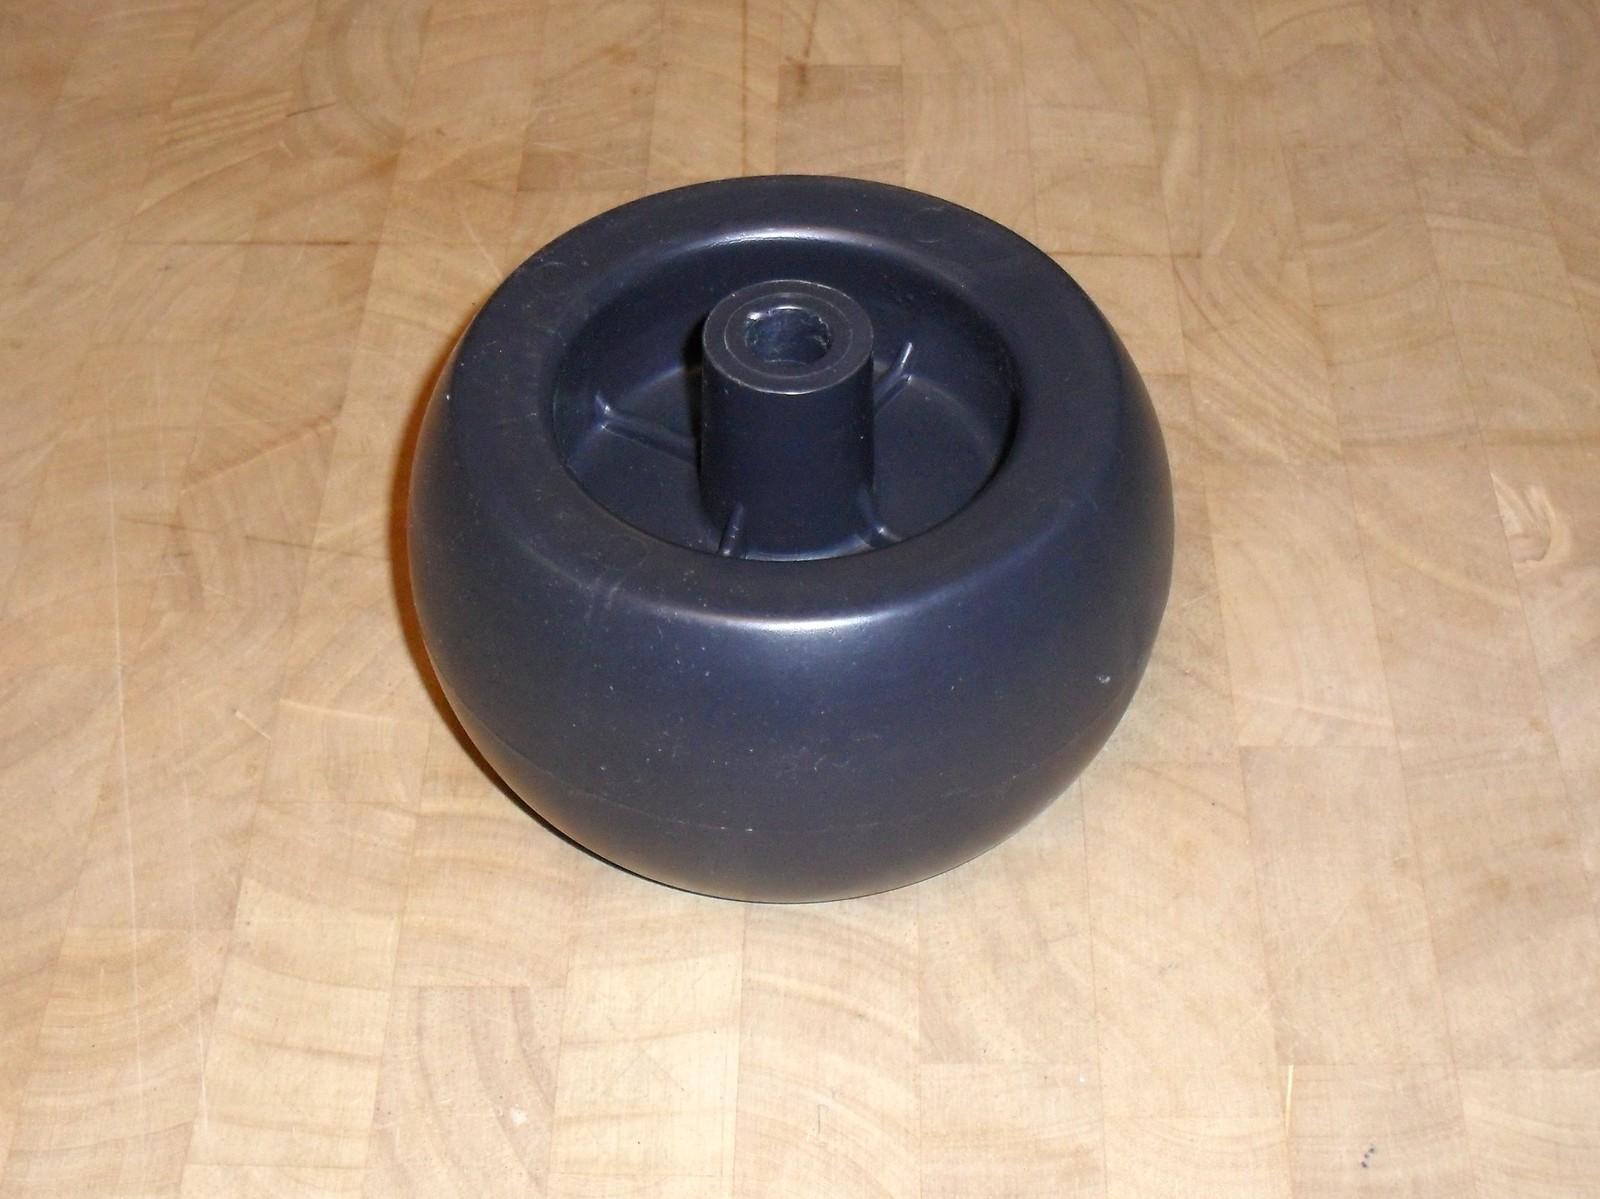 AYP, Craftsman Deck Roller Wheel 133957, 532133957